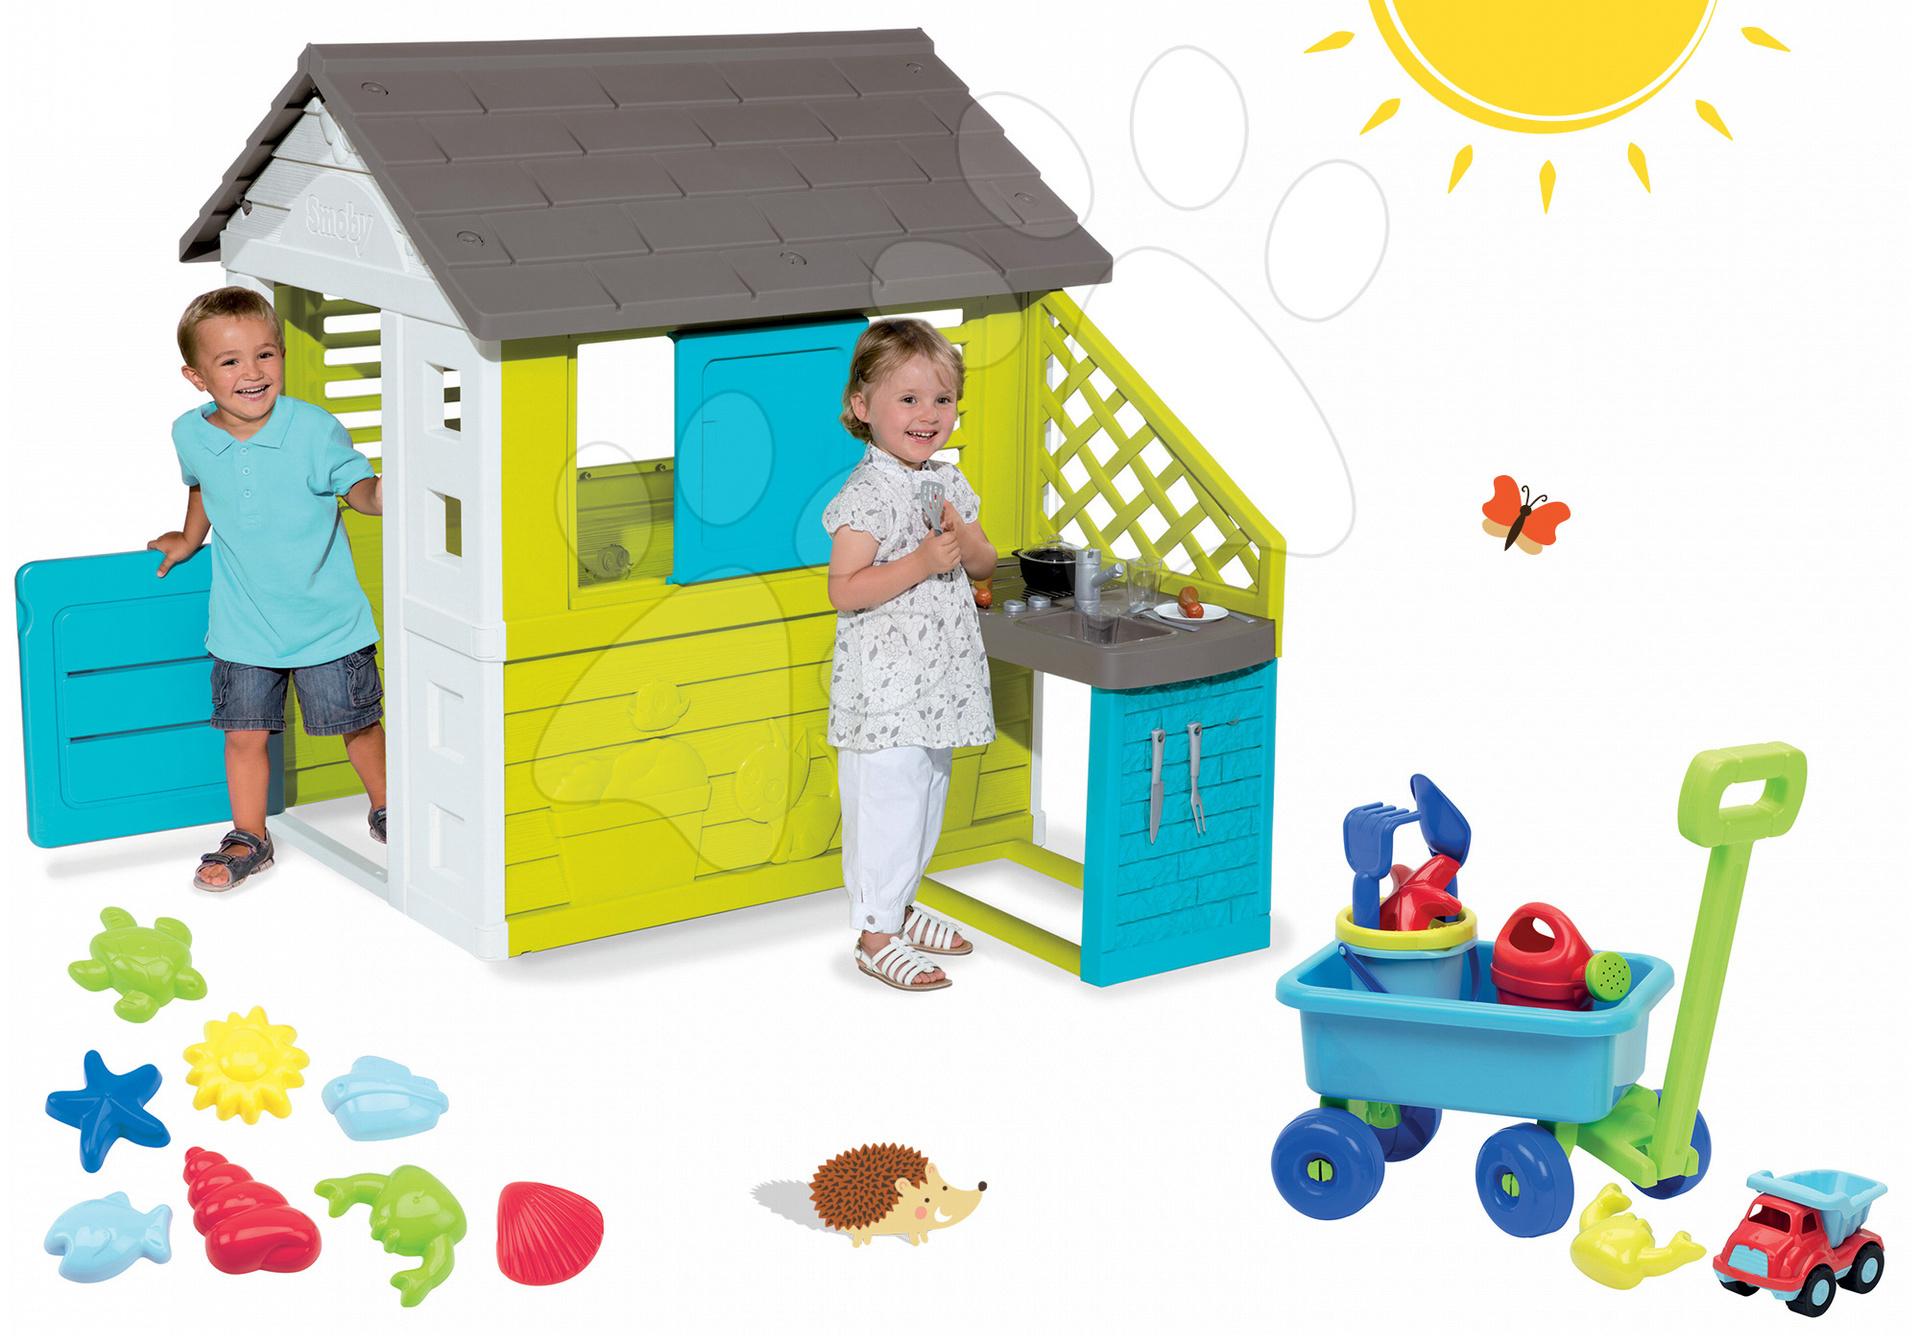 Set domeček Pretty Blue Smoby s letní kuchyňkou, vozík, kbelík set a bábovičky od 24 měsíců